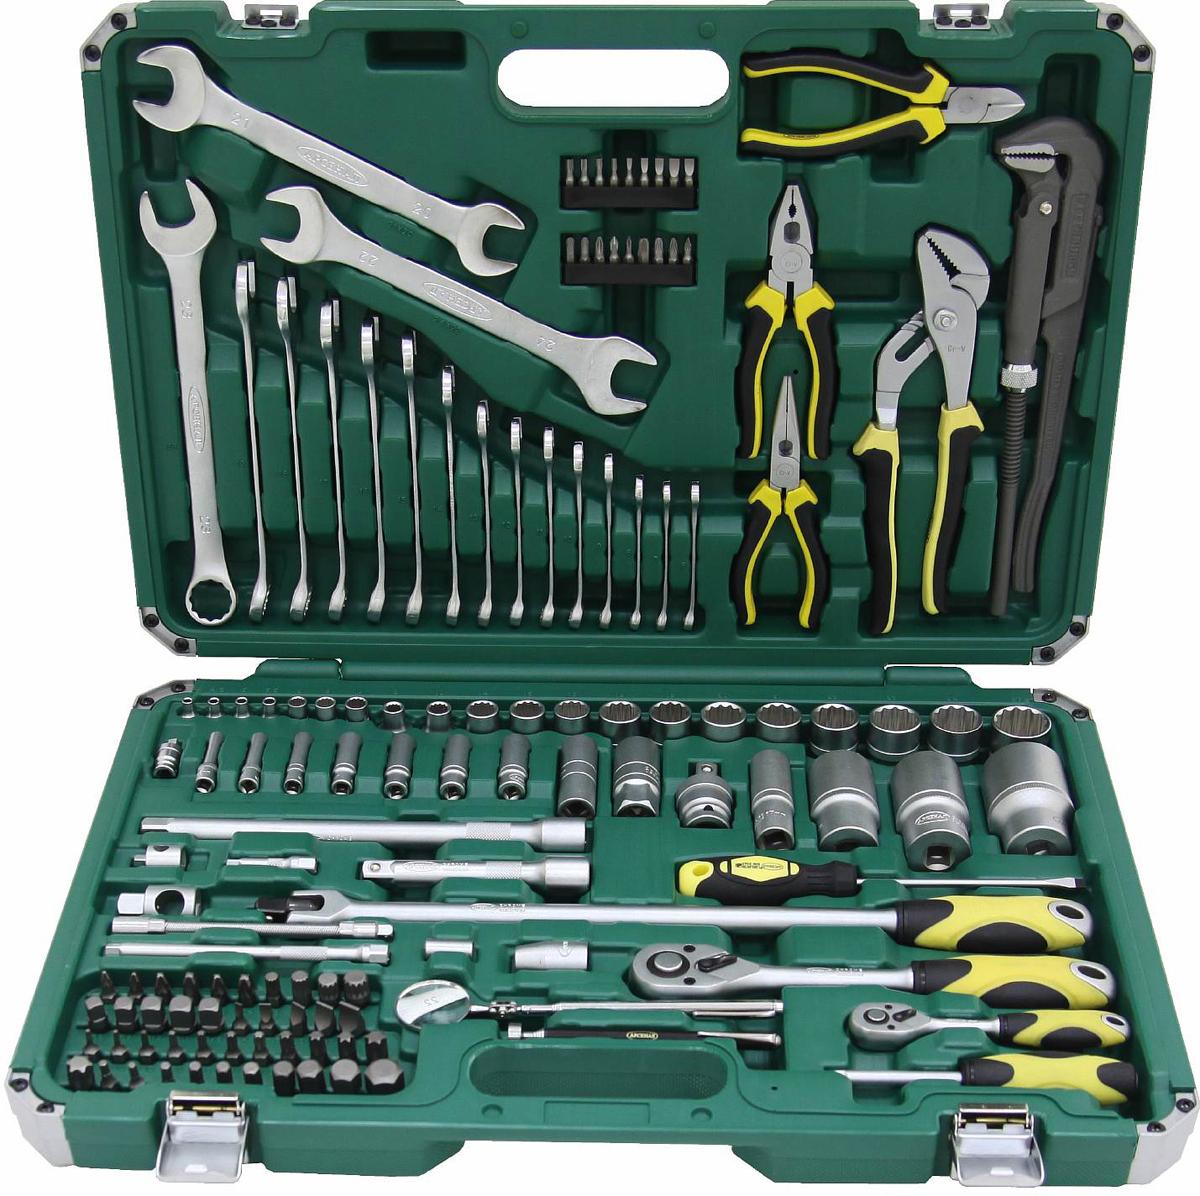 Набор инструментов Арсенал, общефункциональный, 133 предмета8086360Набор инструмента ARSENAL TSM133ABP-WTG (8086360) Американец является общефункциональным, используется для ремонта автомобилей и включает в себя 133 предмета. Инструменты Арсенал предназначены для профессионального ремонта в автомастерских.Комплектация:Привод 1/4- Двенадцатигранные головки, 7 штук: 4, 4.5, 5, 5.5, 8, 9, 10 мм- Удлиненные двенадцатигранные головки, 7 штук: 6, 7, 8, 10, 11, 12, 13 мм- Удлинители: 50 и 150 мм- Отвертка с присоединительным квадратом- Шаровой шарнир- Трещотка с быстрым сбросом, 72 зуба- Скользящий переходник 1/4(М)х3/8(F)- Биты: - Шлицевые биты, 5 штук: 3, 4, 5, 6, 7 мм - Биты Phillips, 5 штук: PH.0, PH.1, PH.2, PH.3, PH.4 - Биты Pozidriv, 4 штуки: PZ.1, PZ.2, PZ.3, PZ.4 - Биты Torx, 4 штуки: Т10, Т15, Т20, Т25Привод 1/2- Шестигранные головки, 2 штуки: 8, 10 мм- Двенадцатигранные головки, 11 штук: 14, 15, 16, 18, 19, 20, 21, 22, 23, 24, 27 мм- Удлиненные двенадцатигранные головки, 4 штуки: 17, 30, 32, 36 мм- Магнитные свечные головки, 2 штуки: 16, 21 мм- Шарнирный вороток: 430 мм- Удлинители: 125 и 250 мм- Скользящий переходник 1/2(М)х3/8(F)- Шаровой шарнир- Трещотка с быстрым сбросом, 72 зубаПрочее:- Биты 5/16 - Шлицевые биты, 5 штук: 8, 10, 12 мм - Биты Phillips, 4 штуки: 8, 10, 12 мм - Биты Pozidriv, 2 штуки: 8, 10, 12 мм - Биты Hex, 11 штук: 3, 4, 5, 6, 7, 8, 10, 12, 14, 17 мм - Биты Torx, 12 штук: Т8, Т10, Т15, Т20, Т25, Т27, Т30, Т40, Т45, Т50, Т55, Т60 - Биты Spline, 4 штуки: М8, М10, М12, М14 - Четырехгранные биты 3/8, 4 штуки: 8, 9, 10, 11 мм- Адаптер для бит 5/16 на 1/2- Адаптер для бит 1/4 на 1/4- Клещи переставные (гебельсы): 9 (225 мм)- Пассатижи: 6 (150 мм)- Длинногубцы: 6 (150 мм)- Бокорезы: 6 (150 мм)- Разводной газовый ключ: 12 (300 мм)- Инспекционное зеркало- Магнит с телескопической ручкой- Комбинированные ключи, 15 штук: 6, 7, 8, 9, 10, 11, 12, 13, 14, 15, 16, 17, 18, 19, 23 мм- Рожковые ключи, 2 штуки: 20х21, 22х24 мм